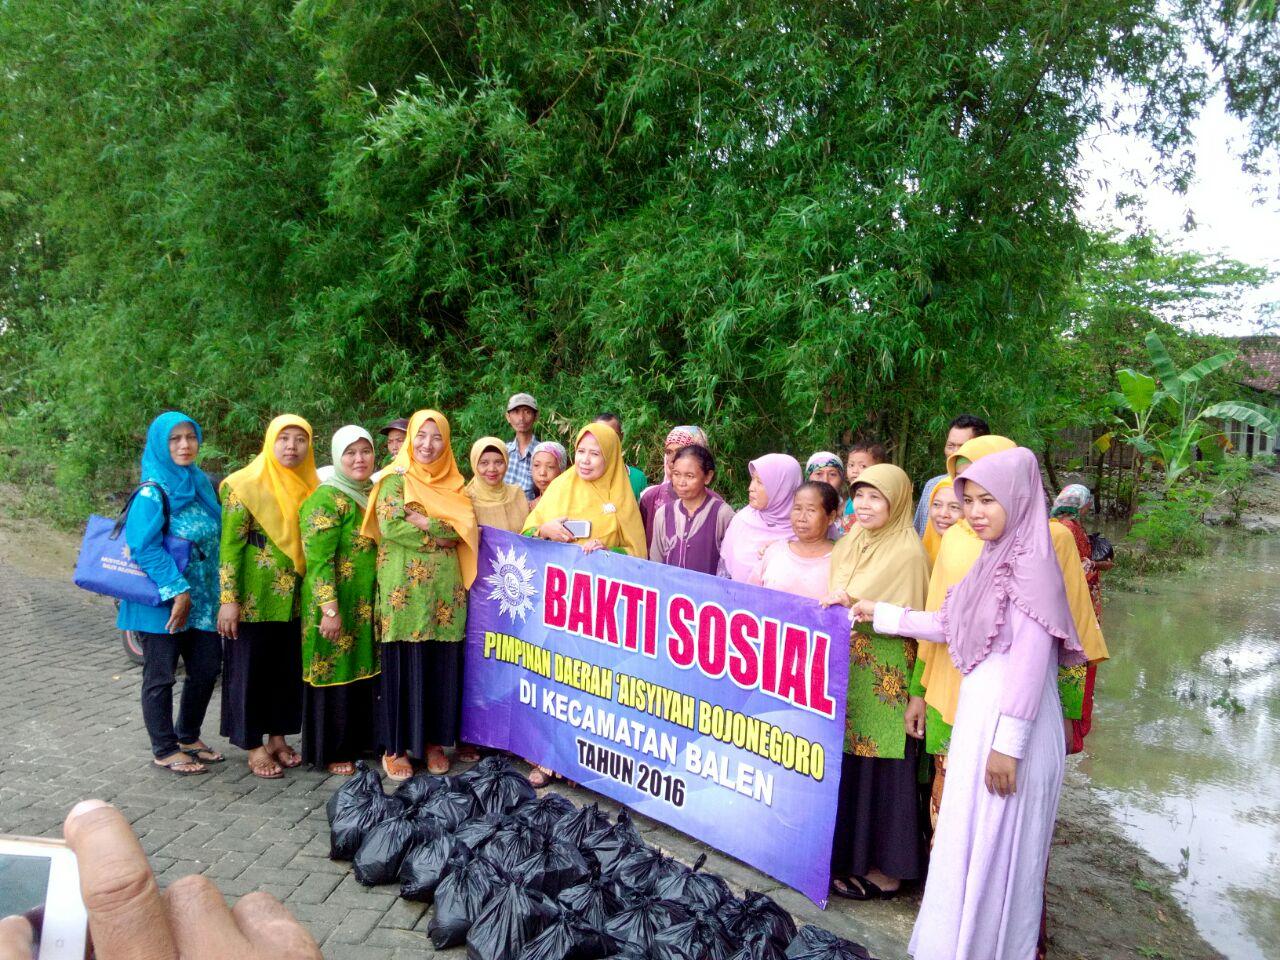 Bakti Sosial PDA Bojonegoro terhadap korban banjir di Kecamatan Balen